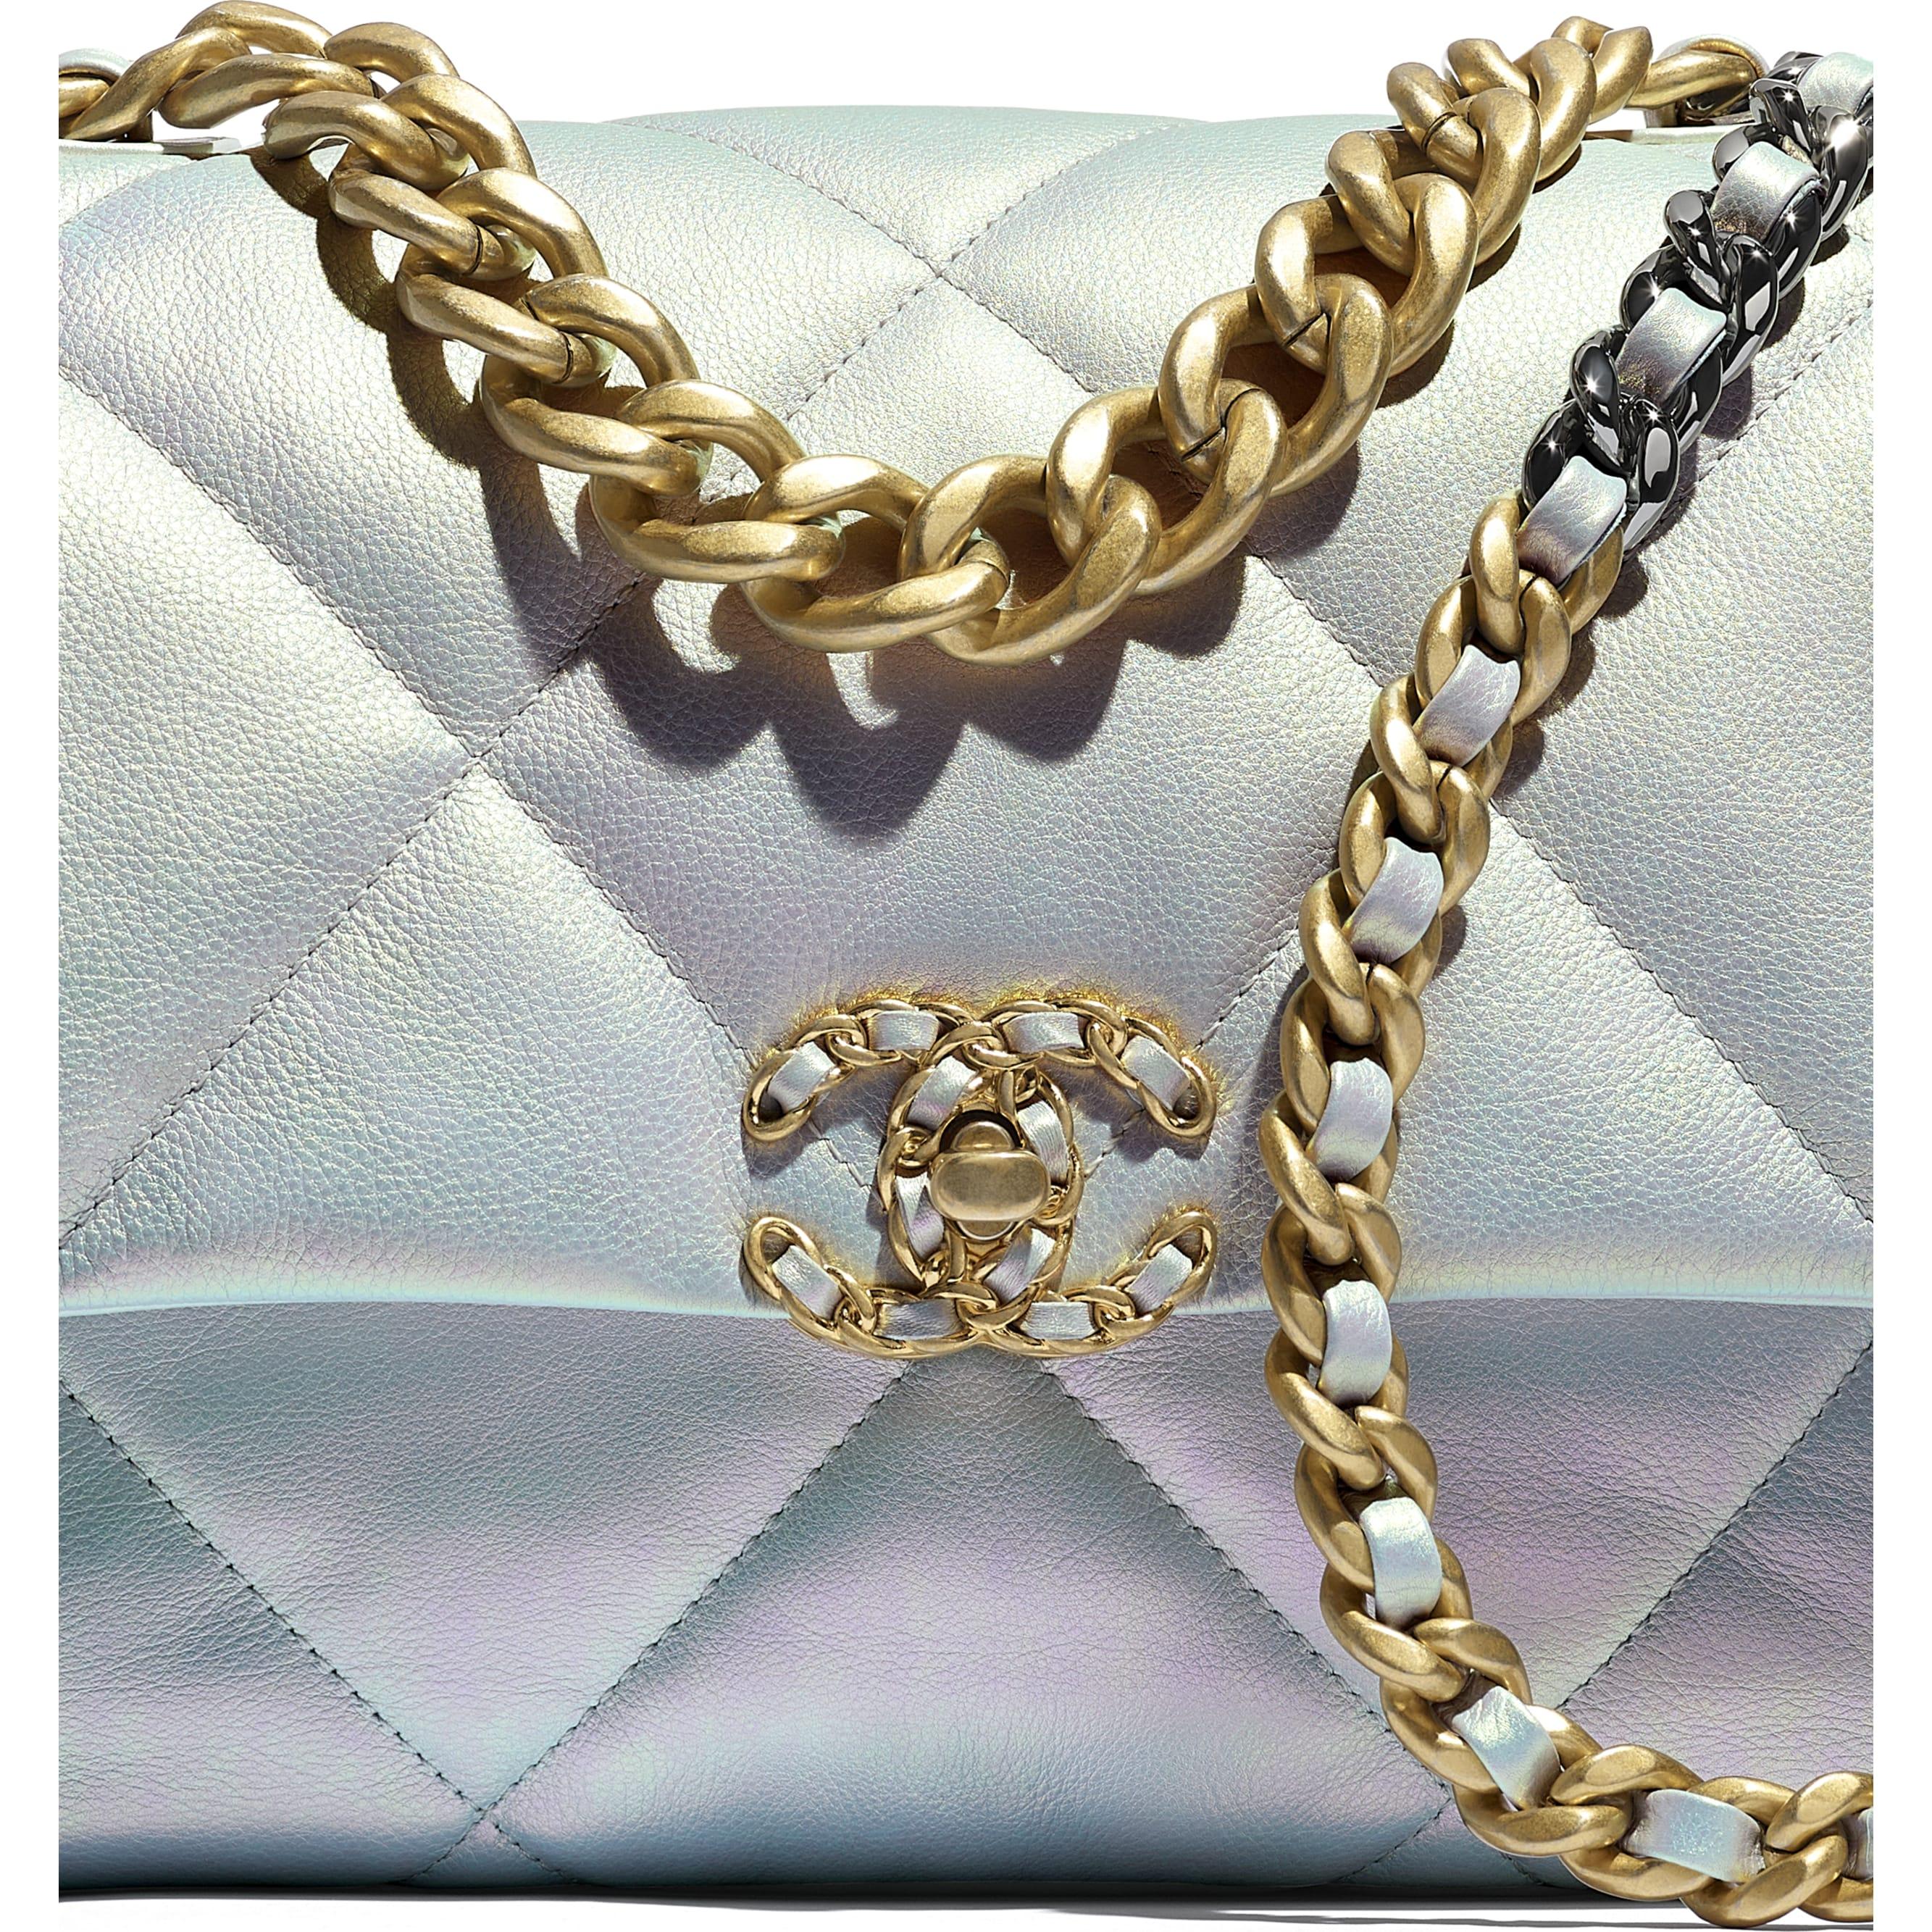 Grand sac à rabat CHANEL 19 - Blanc - Veau irisé, métal doré, argenté & finition ruthénium - CHANEL - Vue supplémentaire - voir la version taille standard